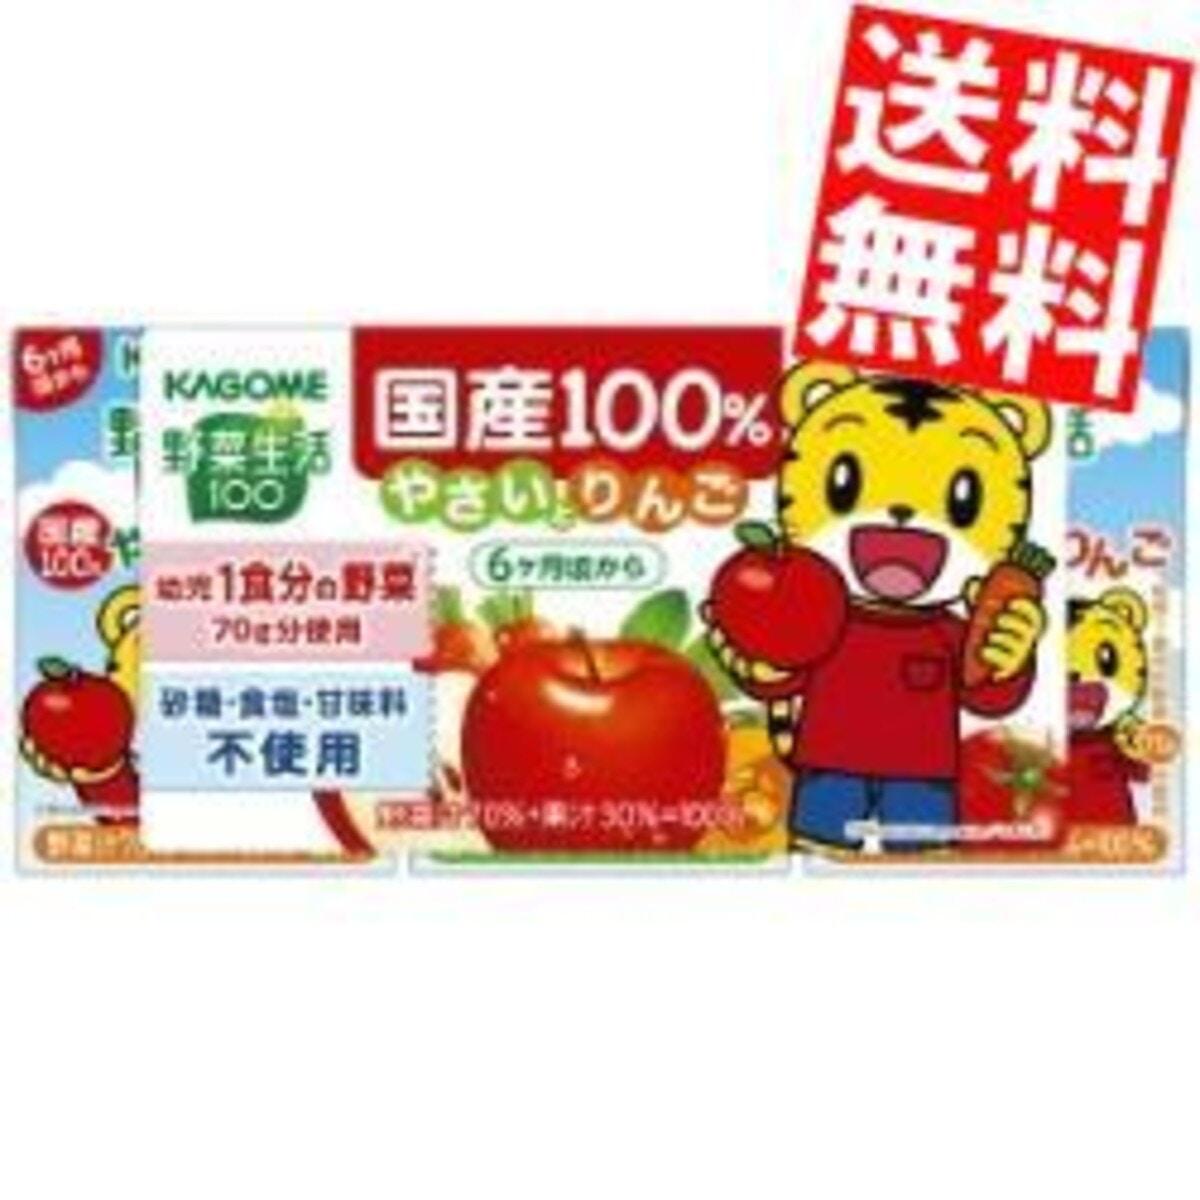 カゴメ野菜生活100 国産100% やさいとりんご100ml